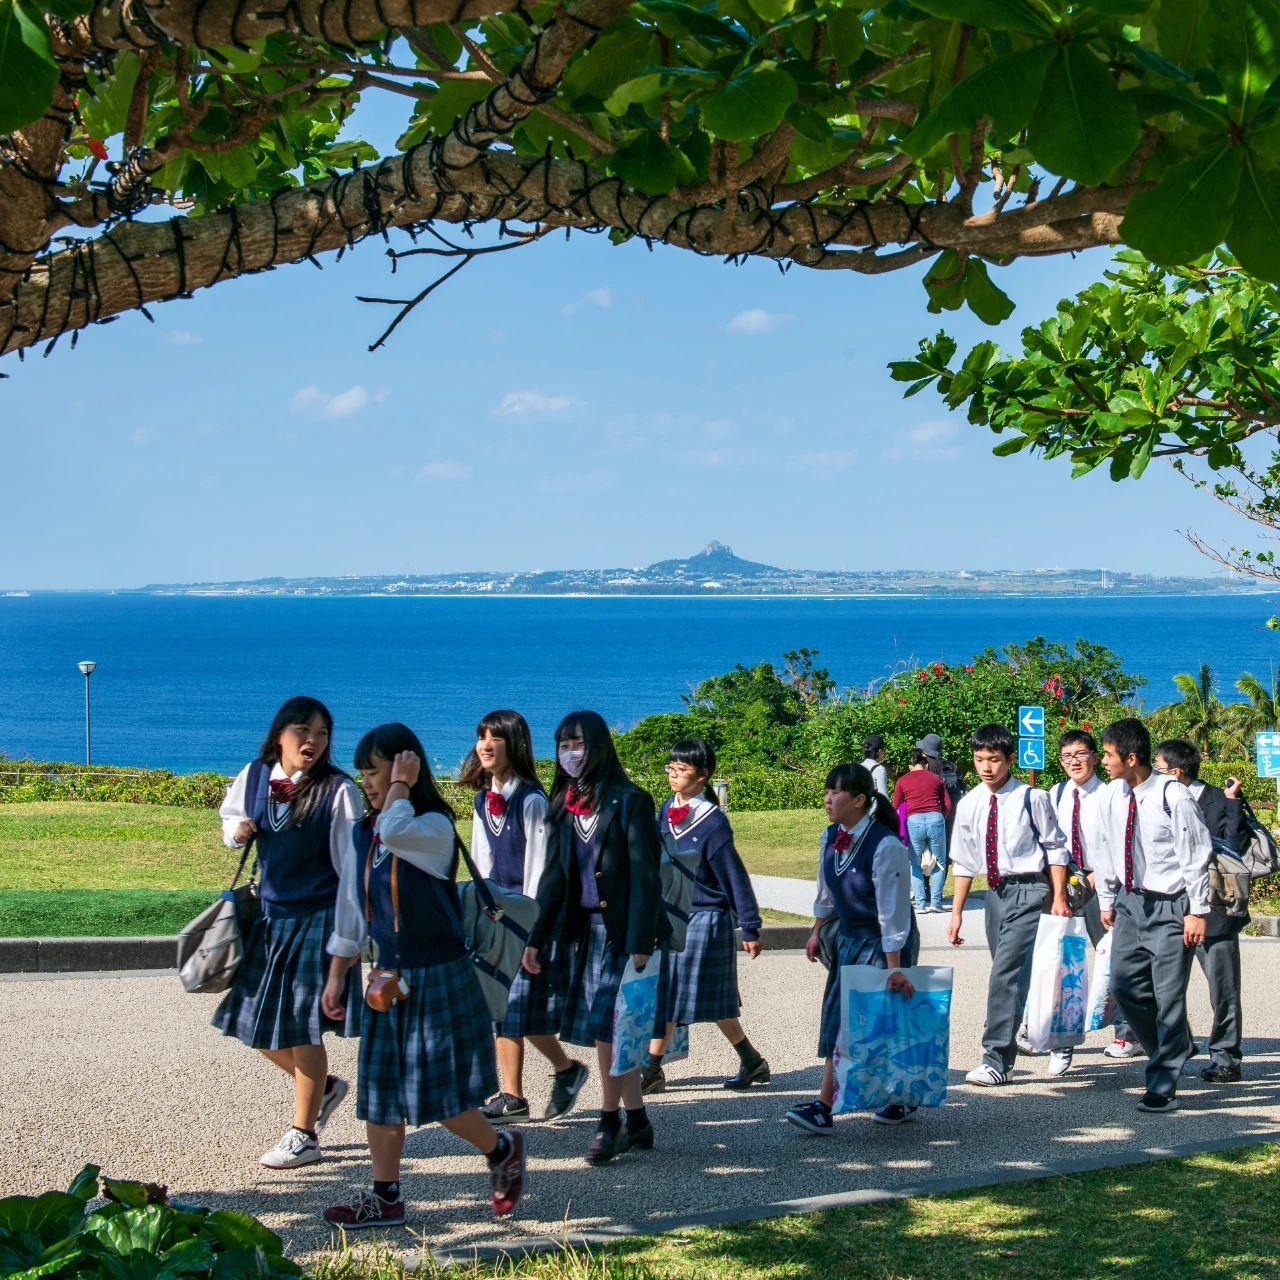 △日本学生修学旅行时穿着制服的模样。| 图片来源:视觉中国